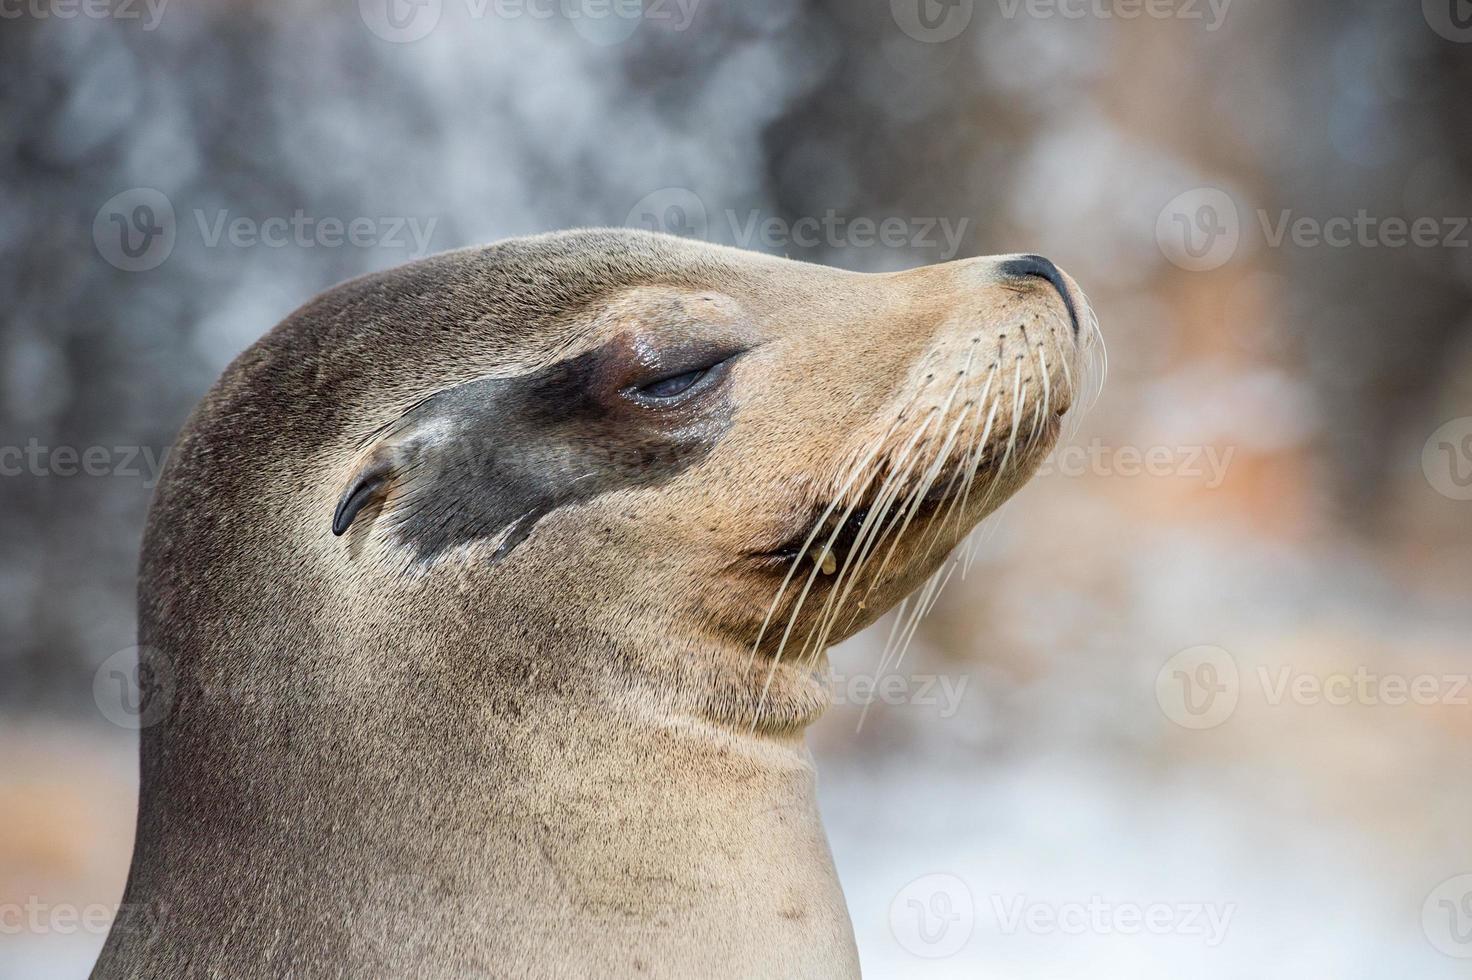 californian sea lion close up portrait photo